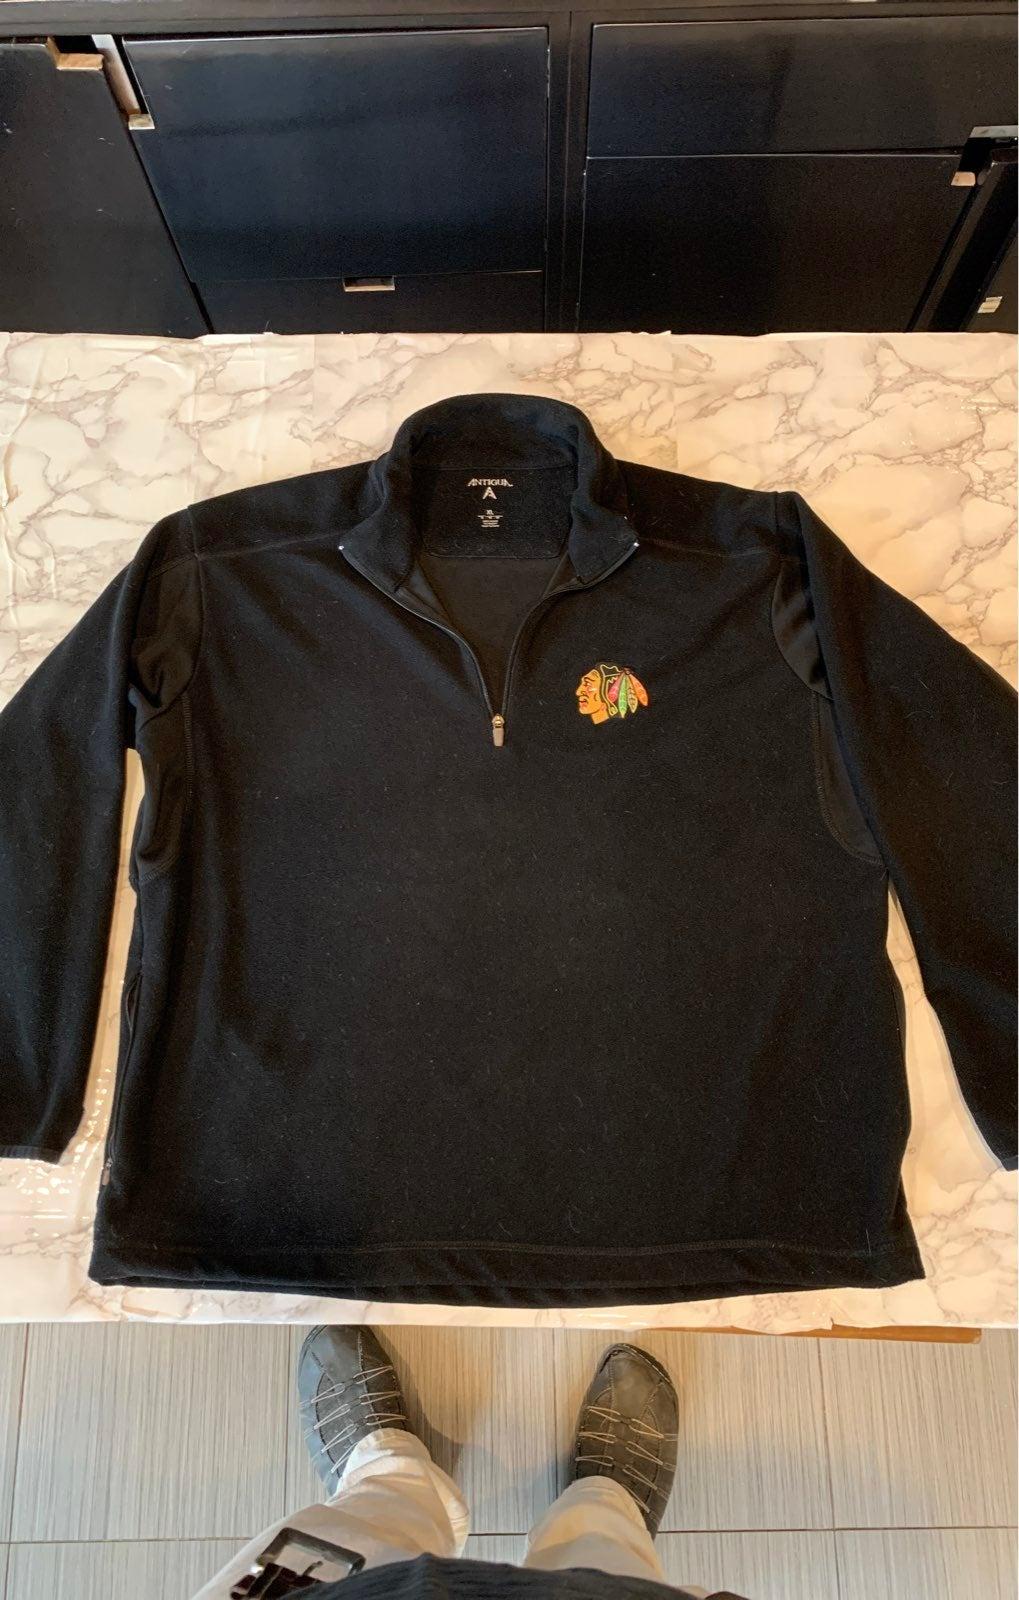 Chicago BlackHawks fleece 1/4 zip